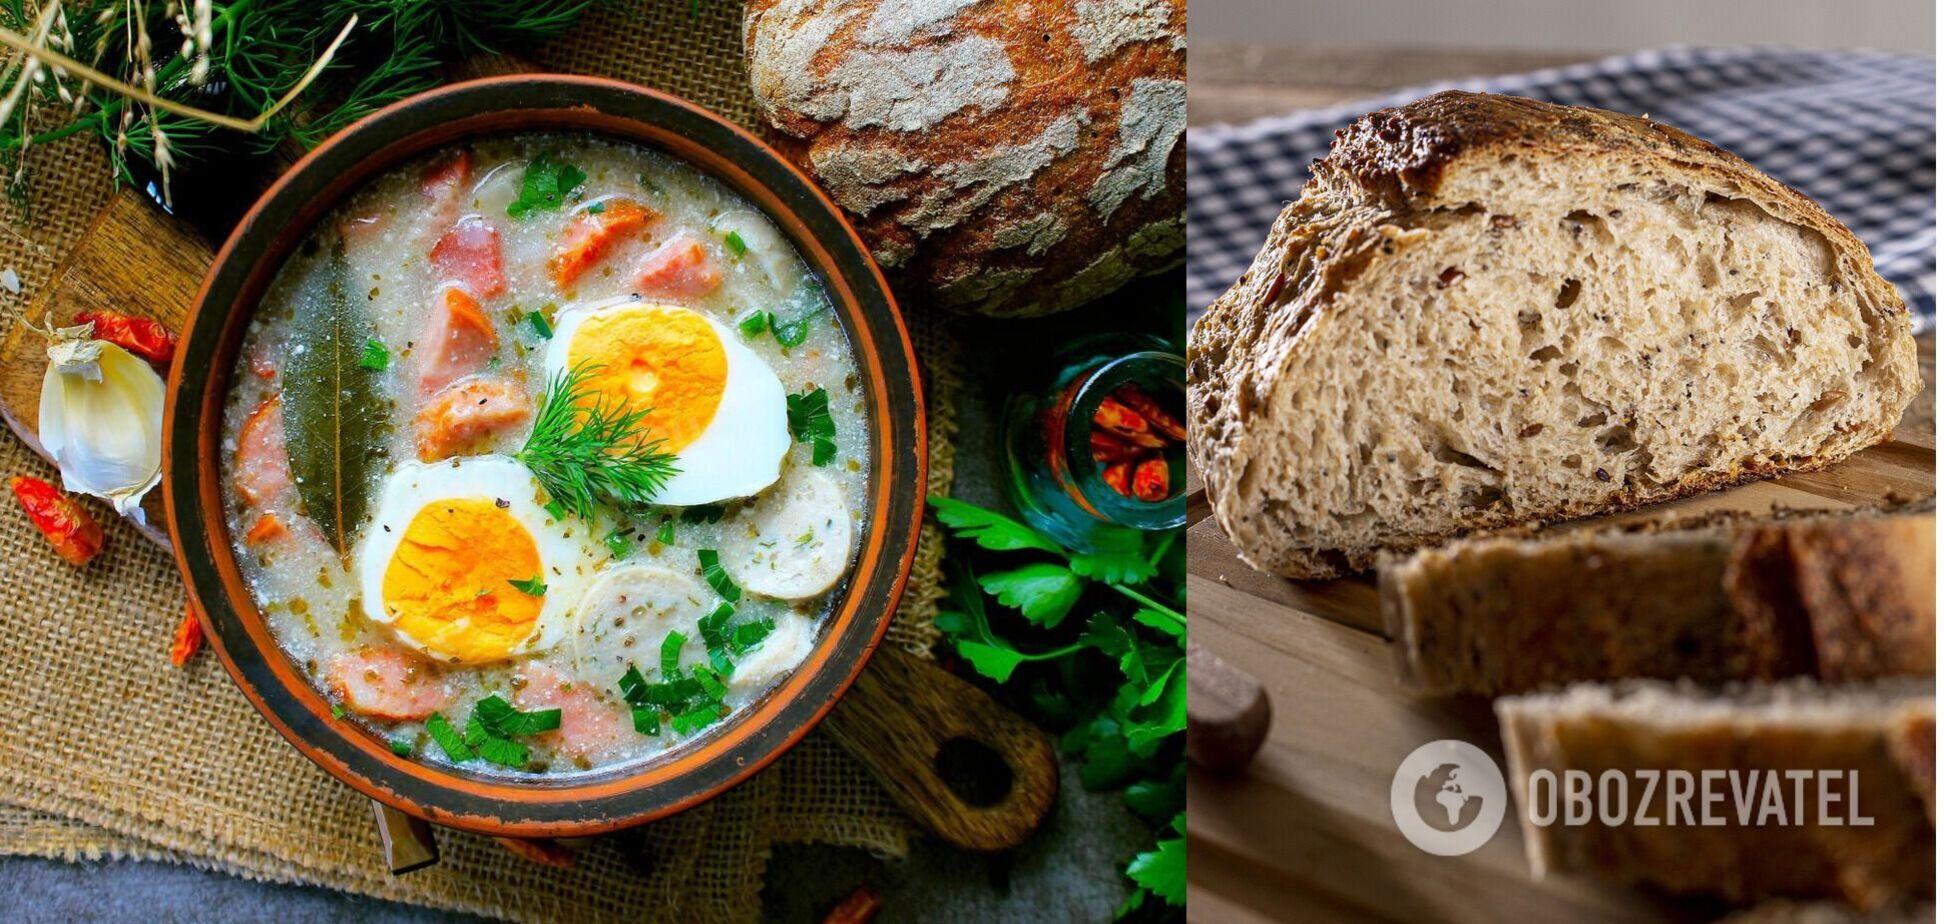 Як приготувати вдома смачний польський суп журек